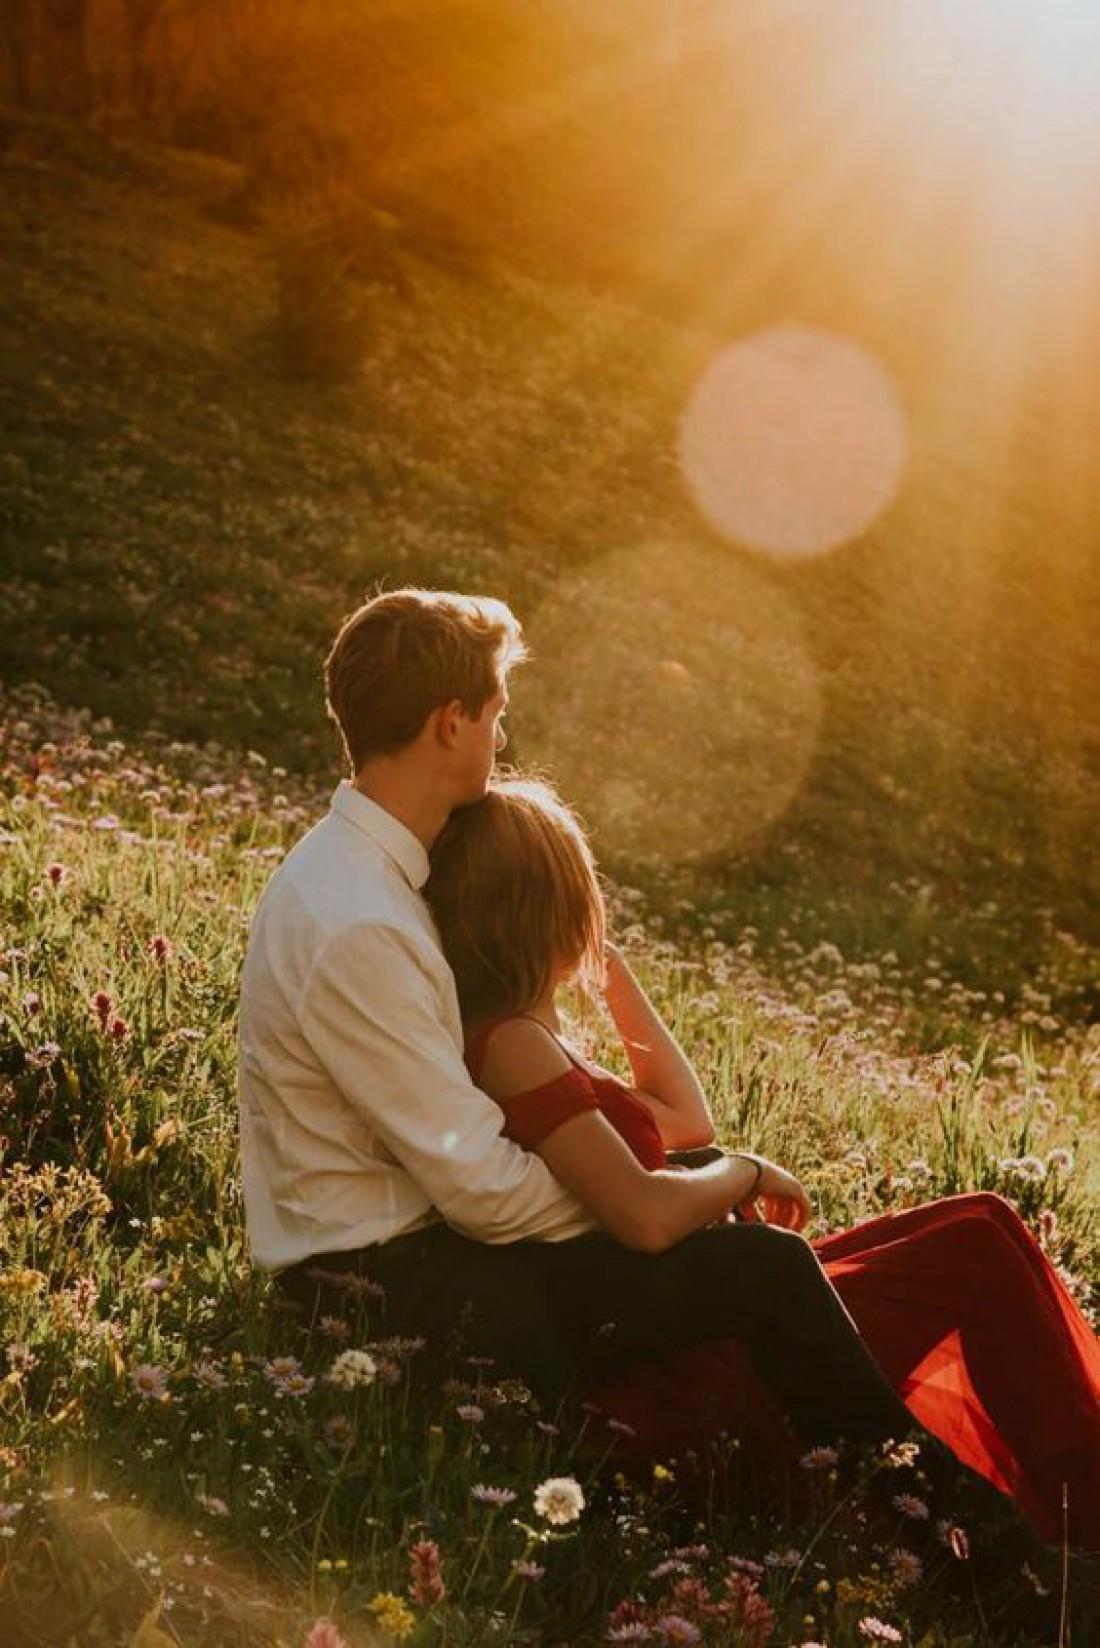 Влюбить за одно свидание: 7 простых (и действенных!) шагов